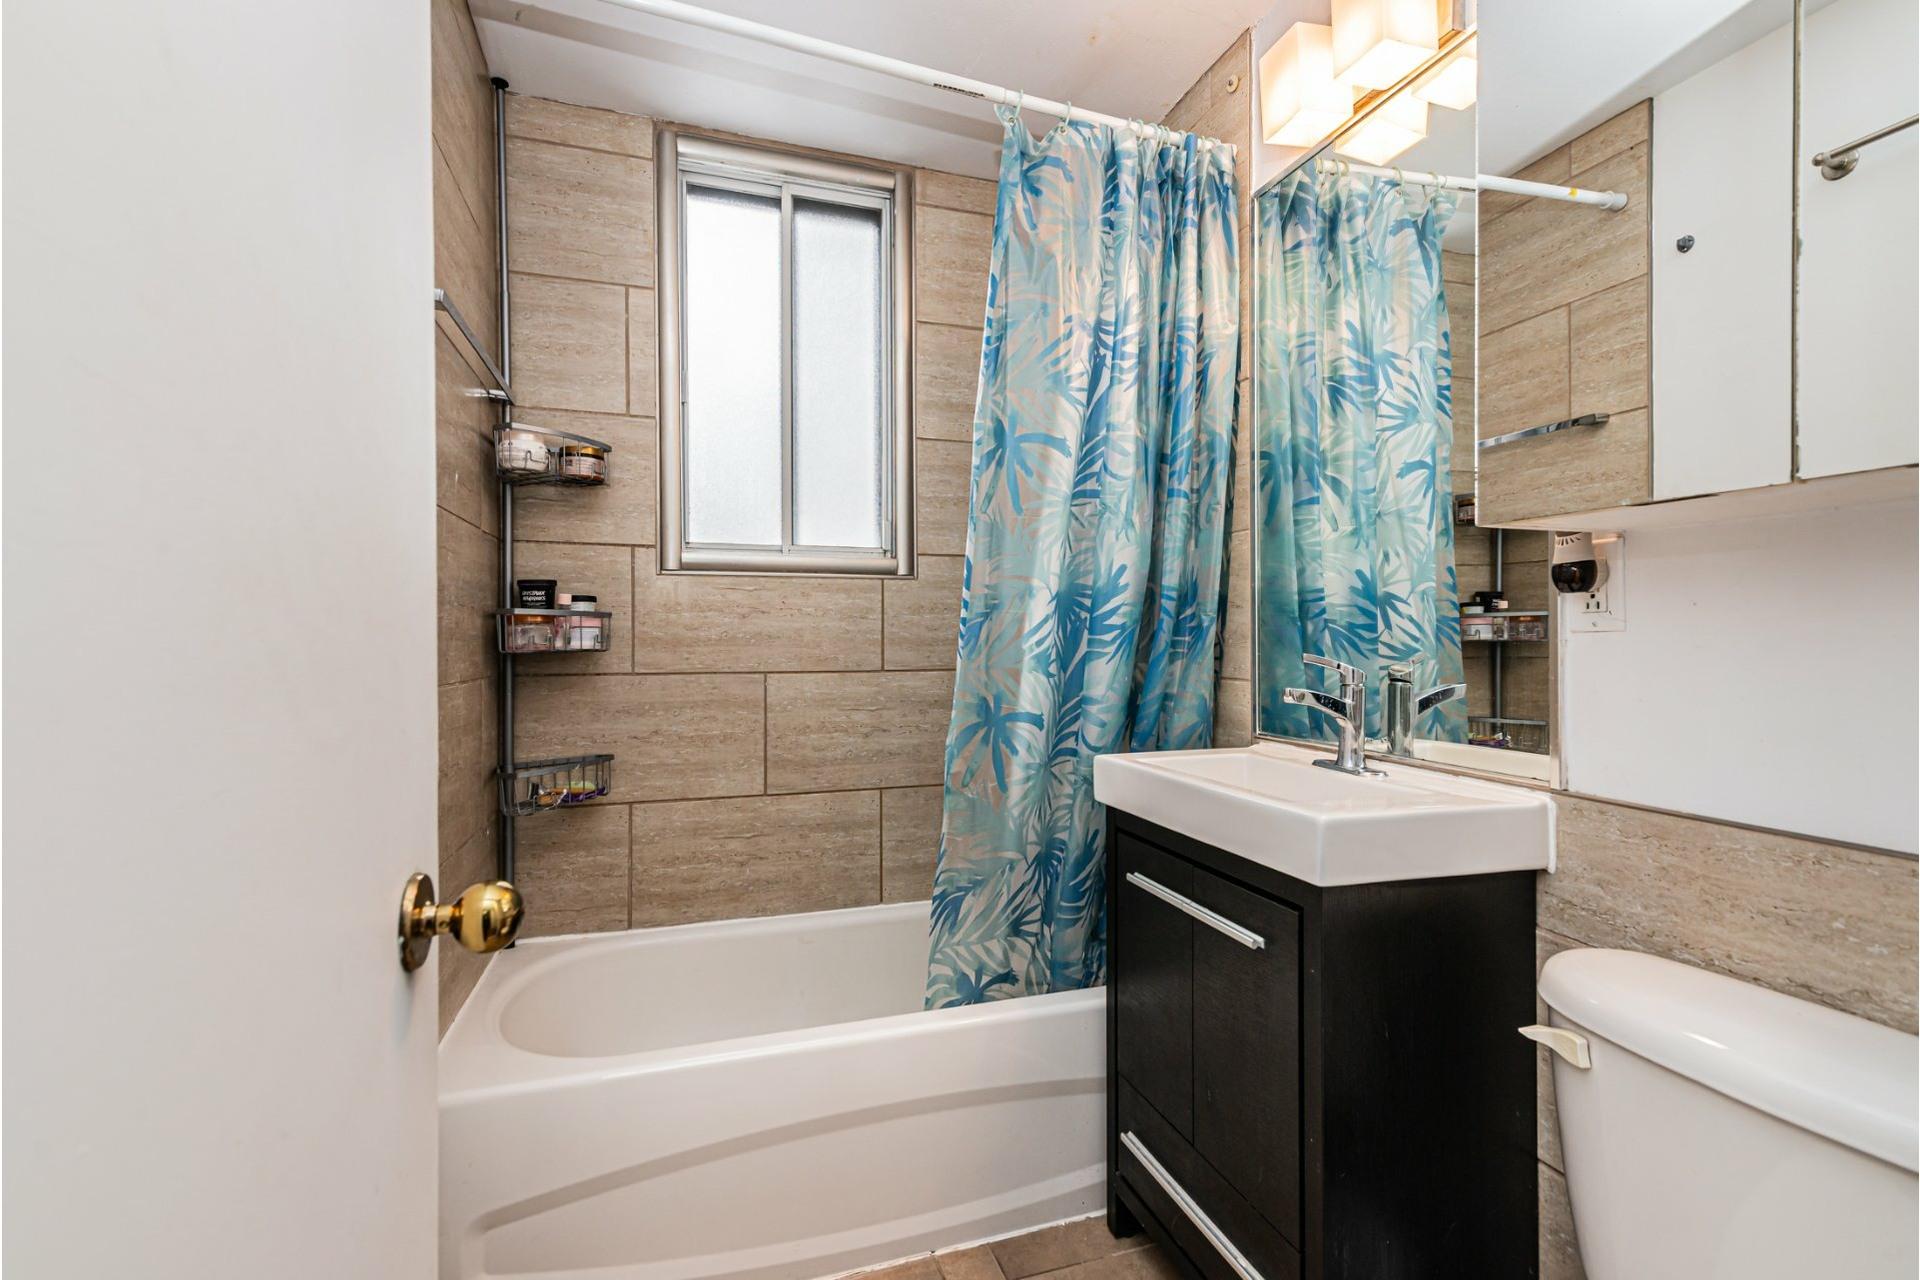 image 18 - Appartement À vendre Côte-des-Neiges/Notre-Dame-de-Grâce Montréal  - 5 pièces